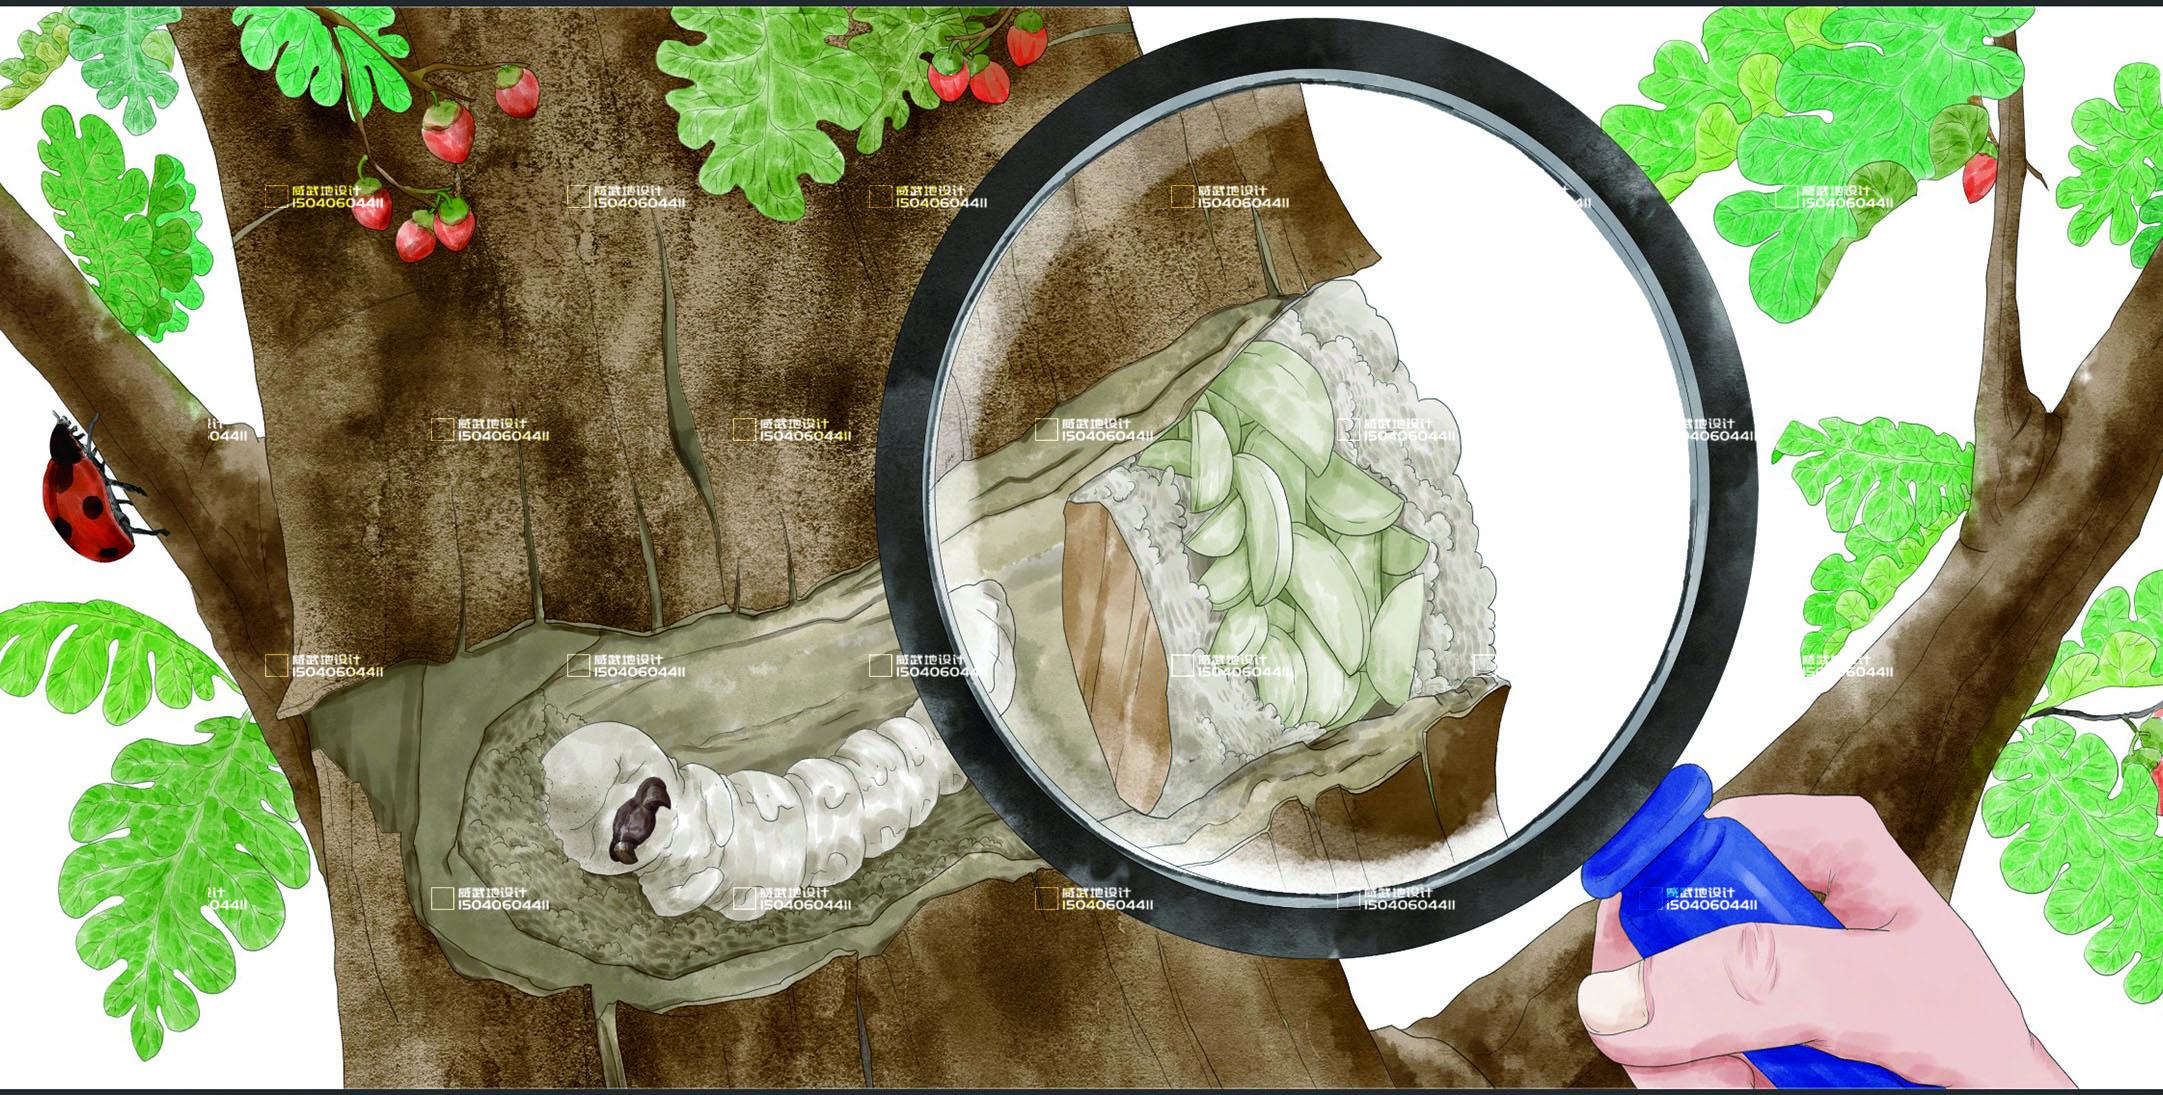 _新媒体插画-故事配图-童书绘本-视频 包装 服装插画文创设计8